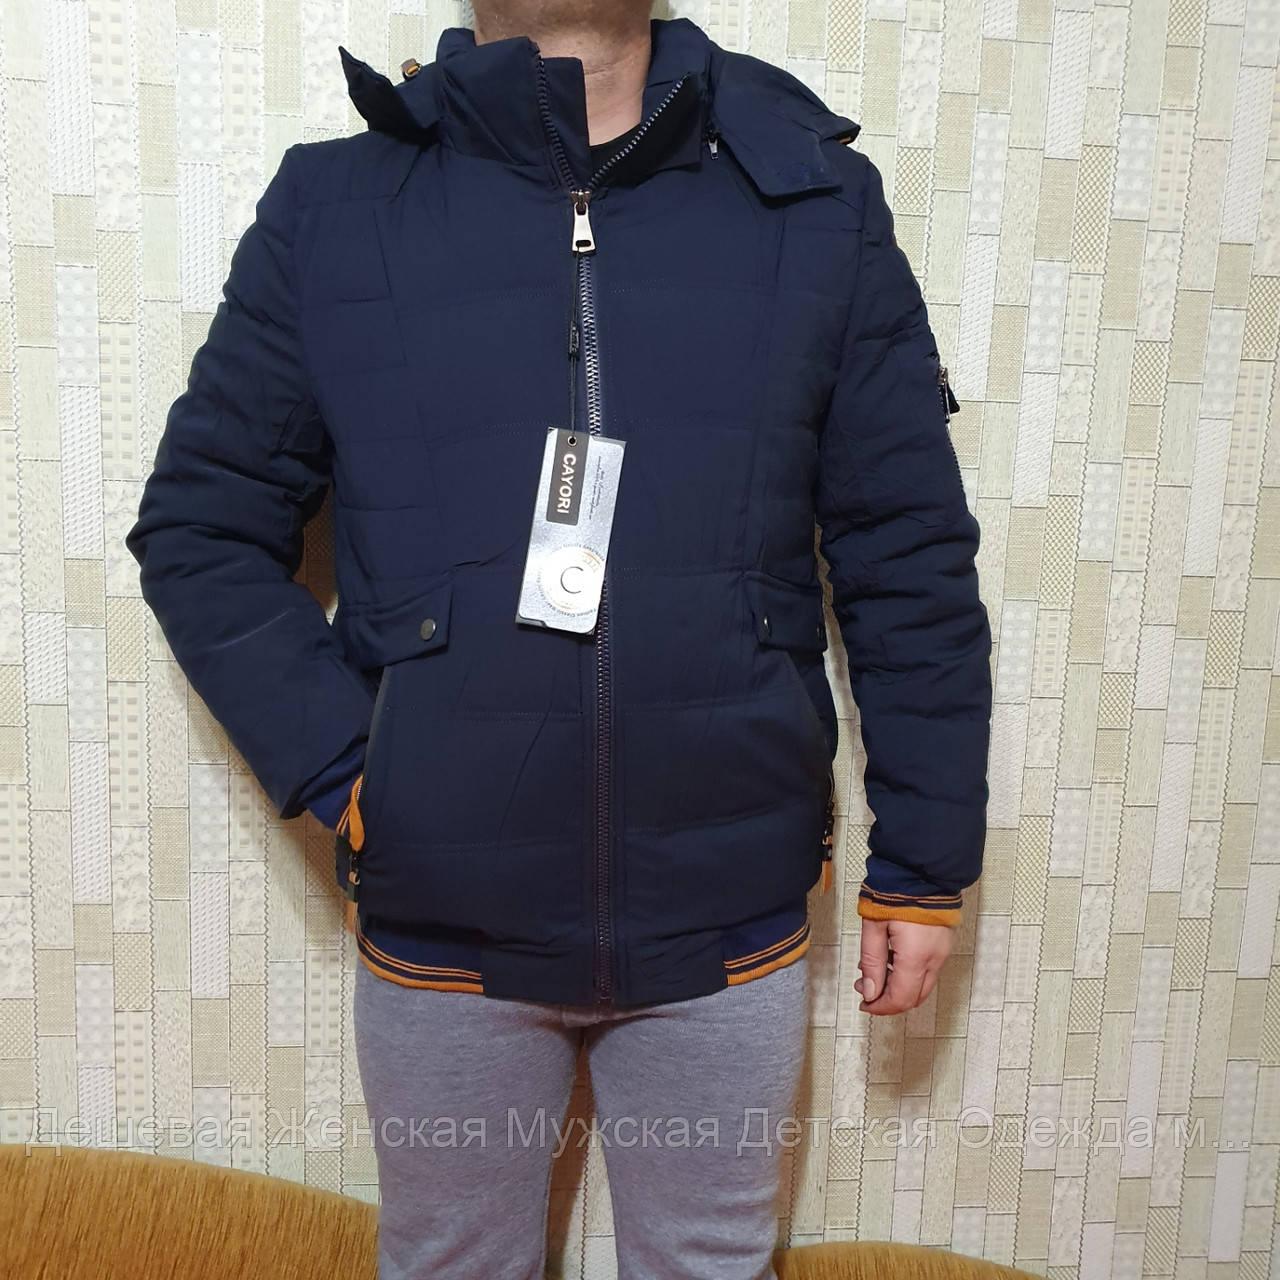 Купить Зимню куртку недорого к-во Ограничено модель Мех